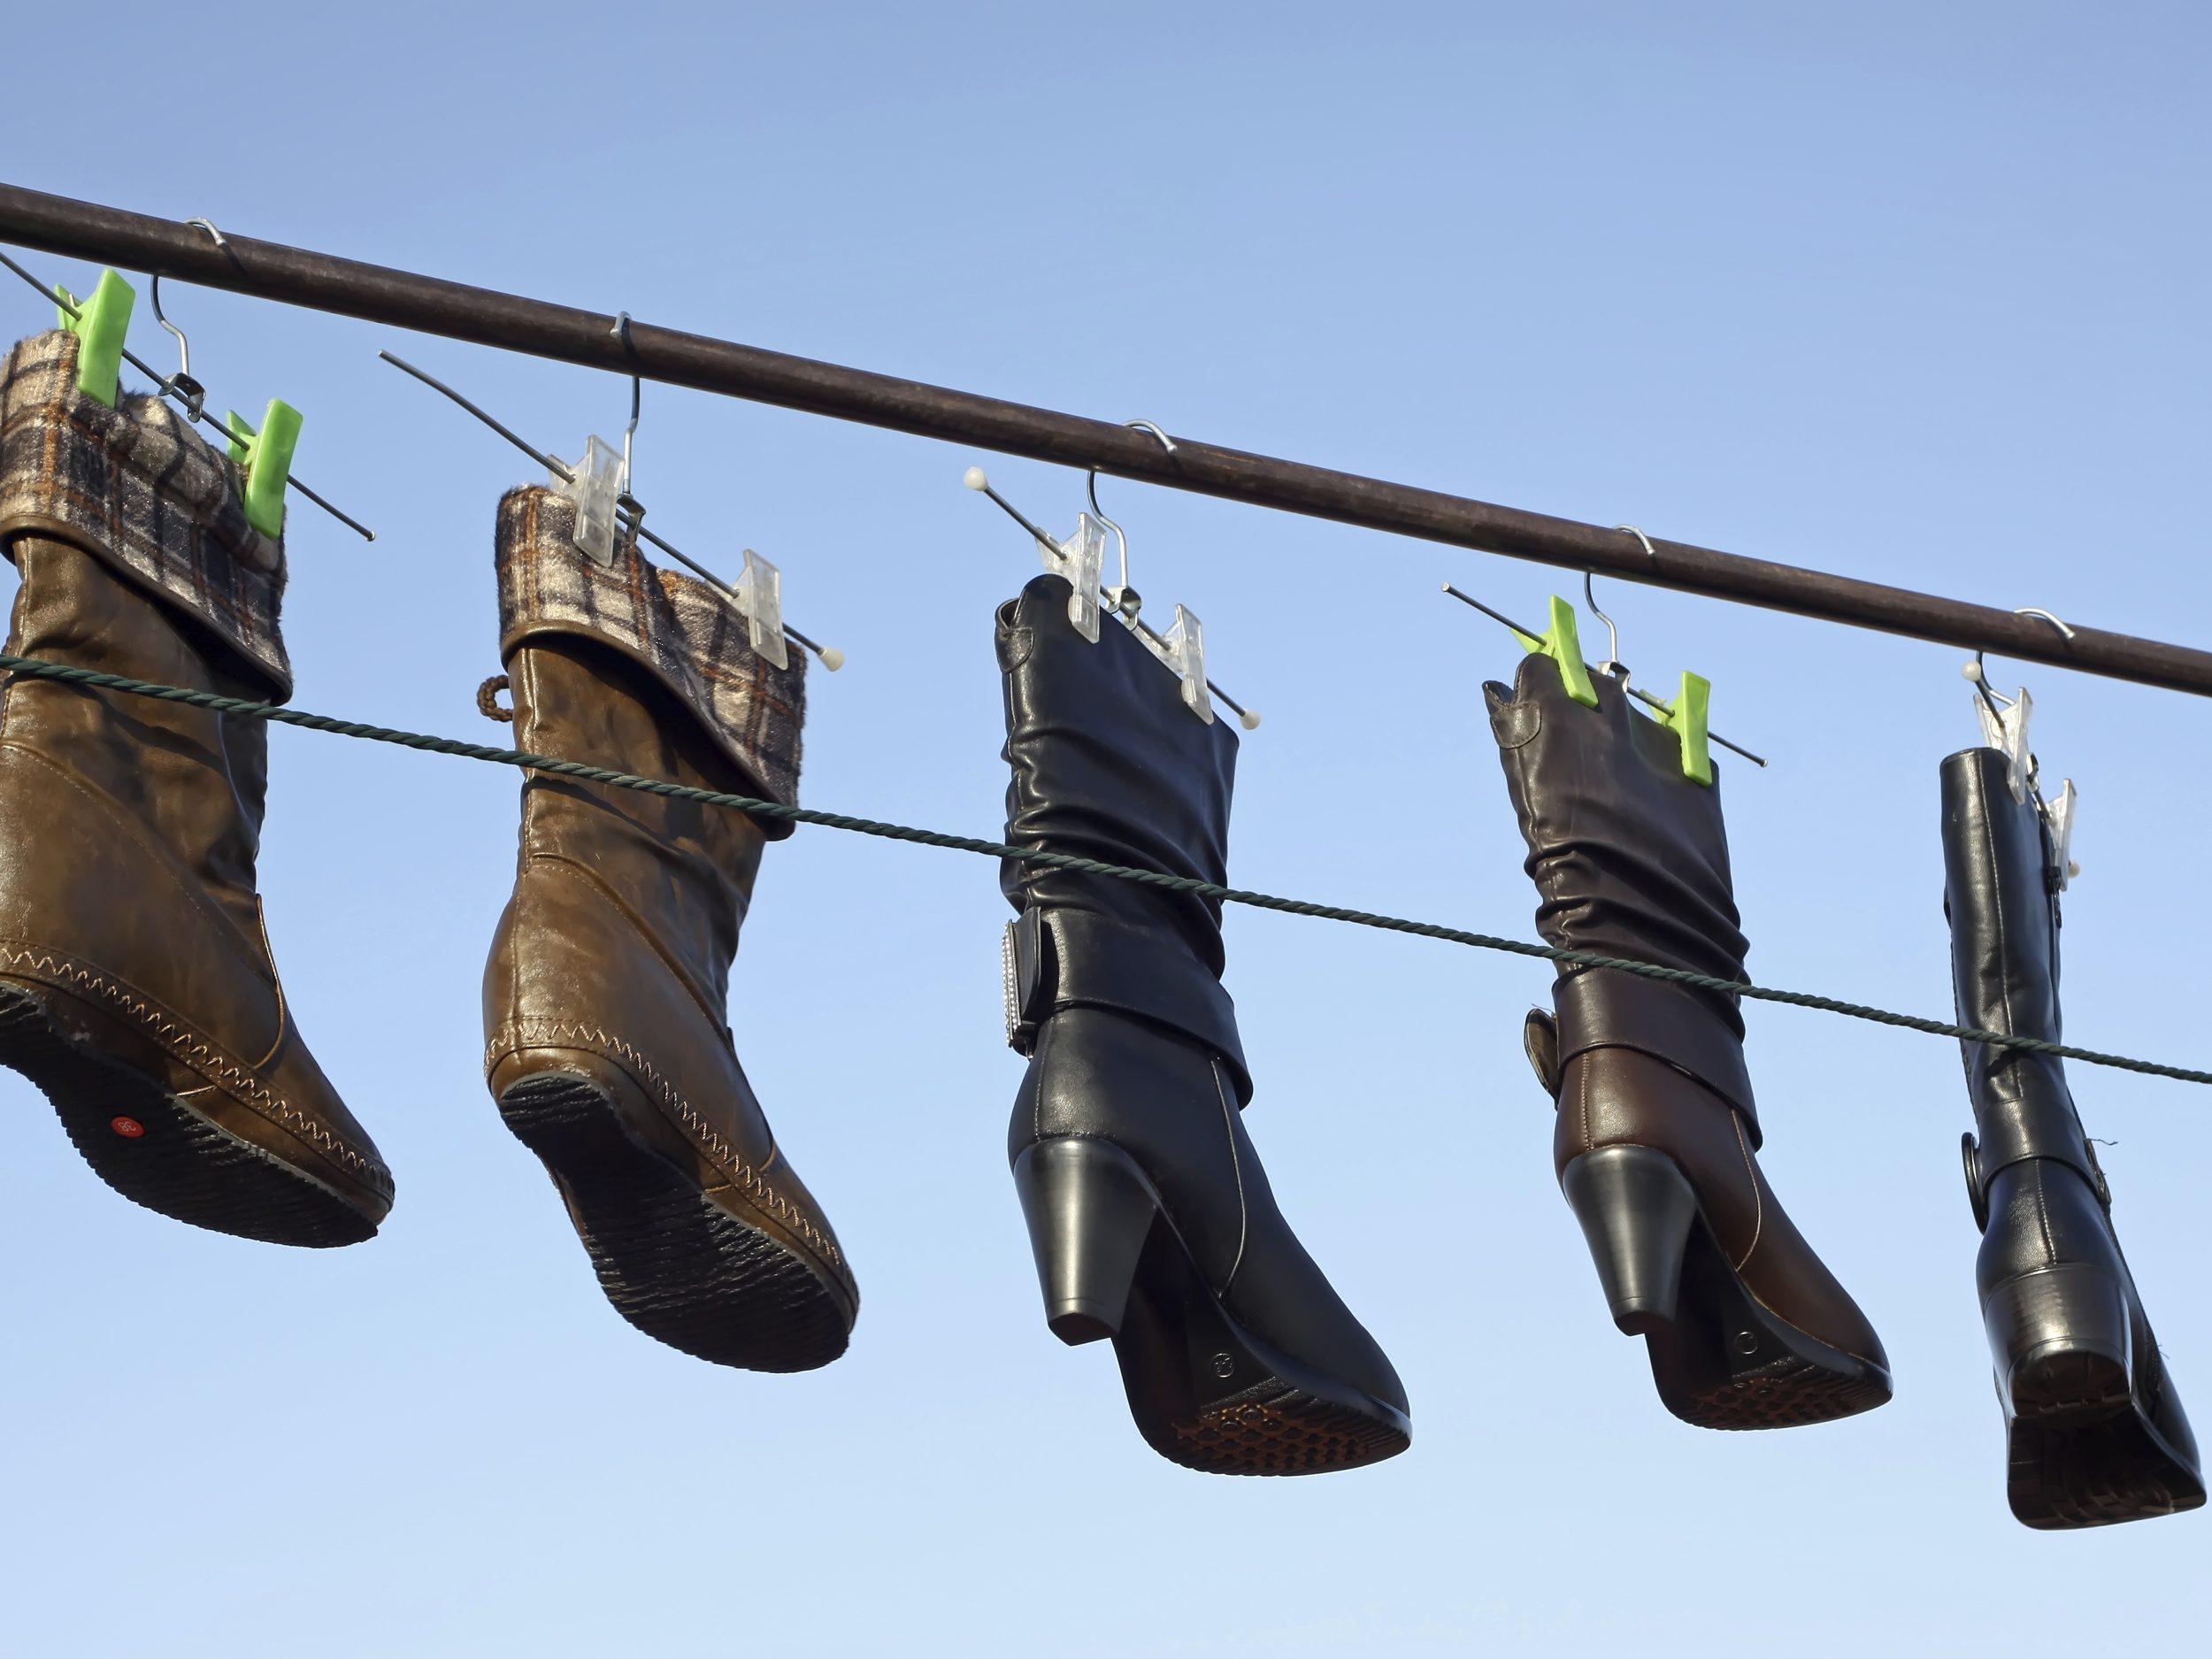 Les 12 révélations d'un vendeur de chaussures